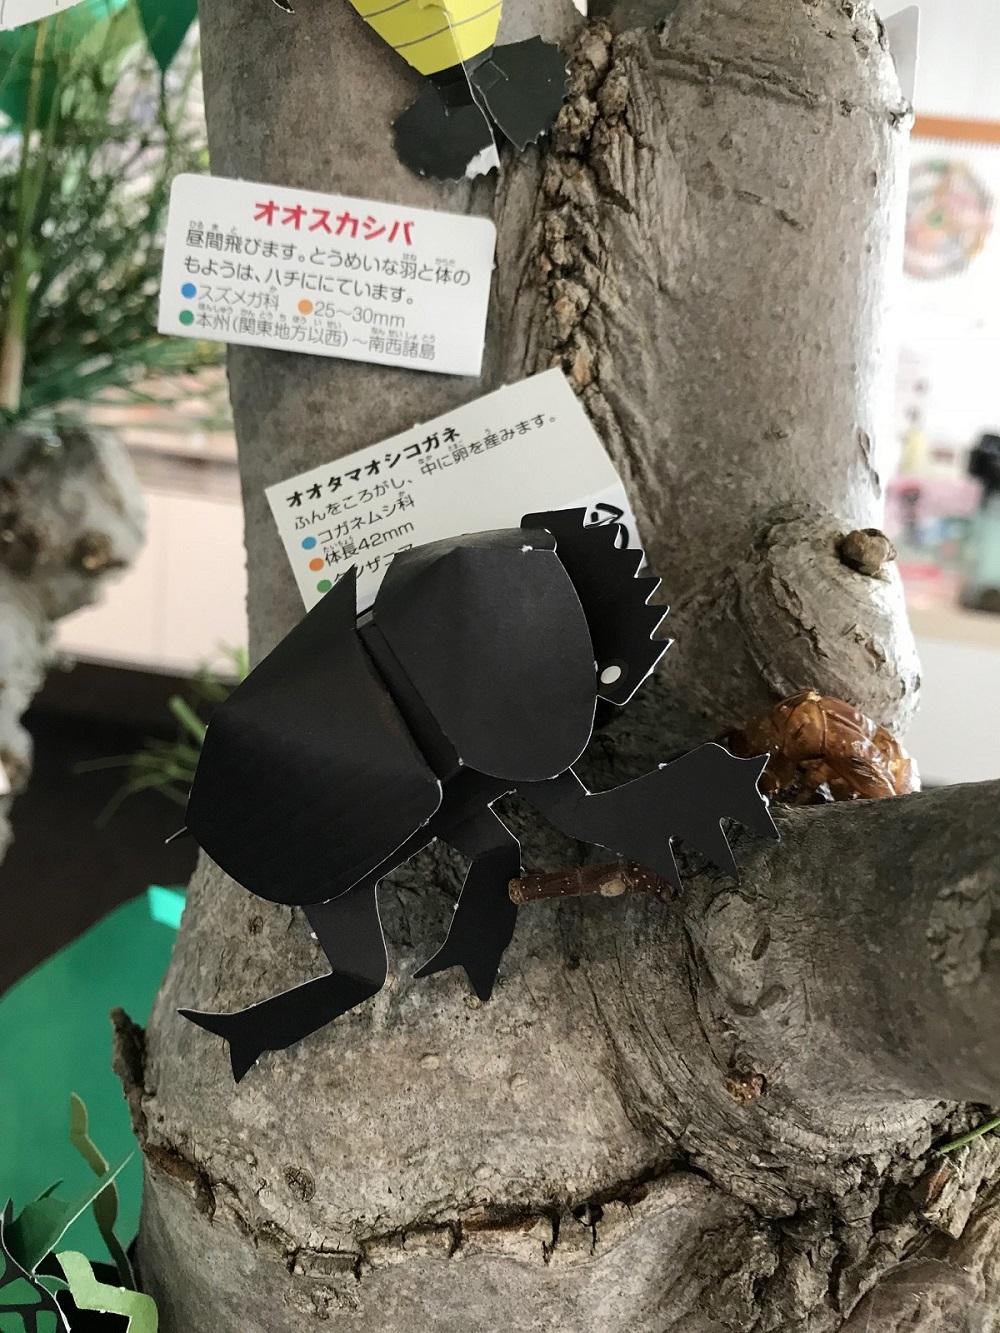 http://blog.iwate-eco.jp/2018/08/03/IMG_2606.jpg